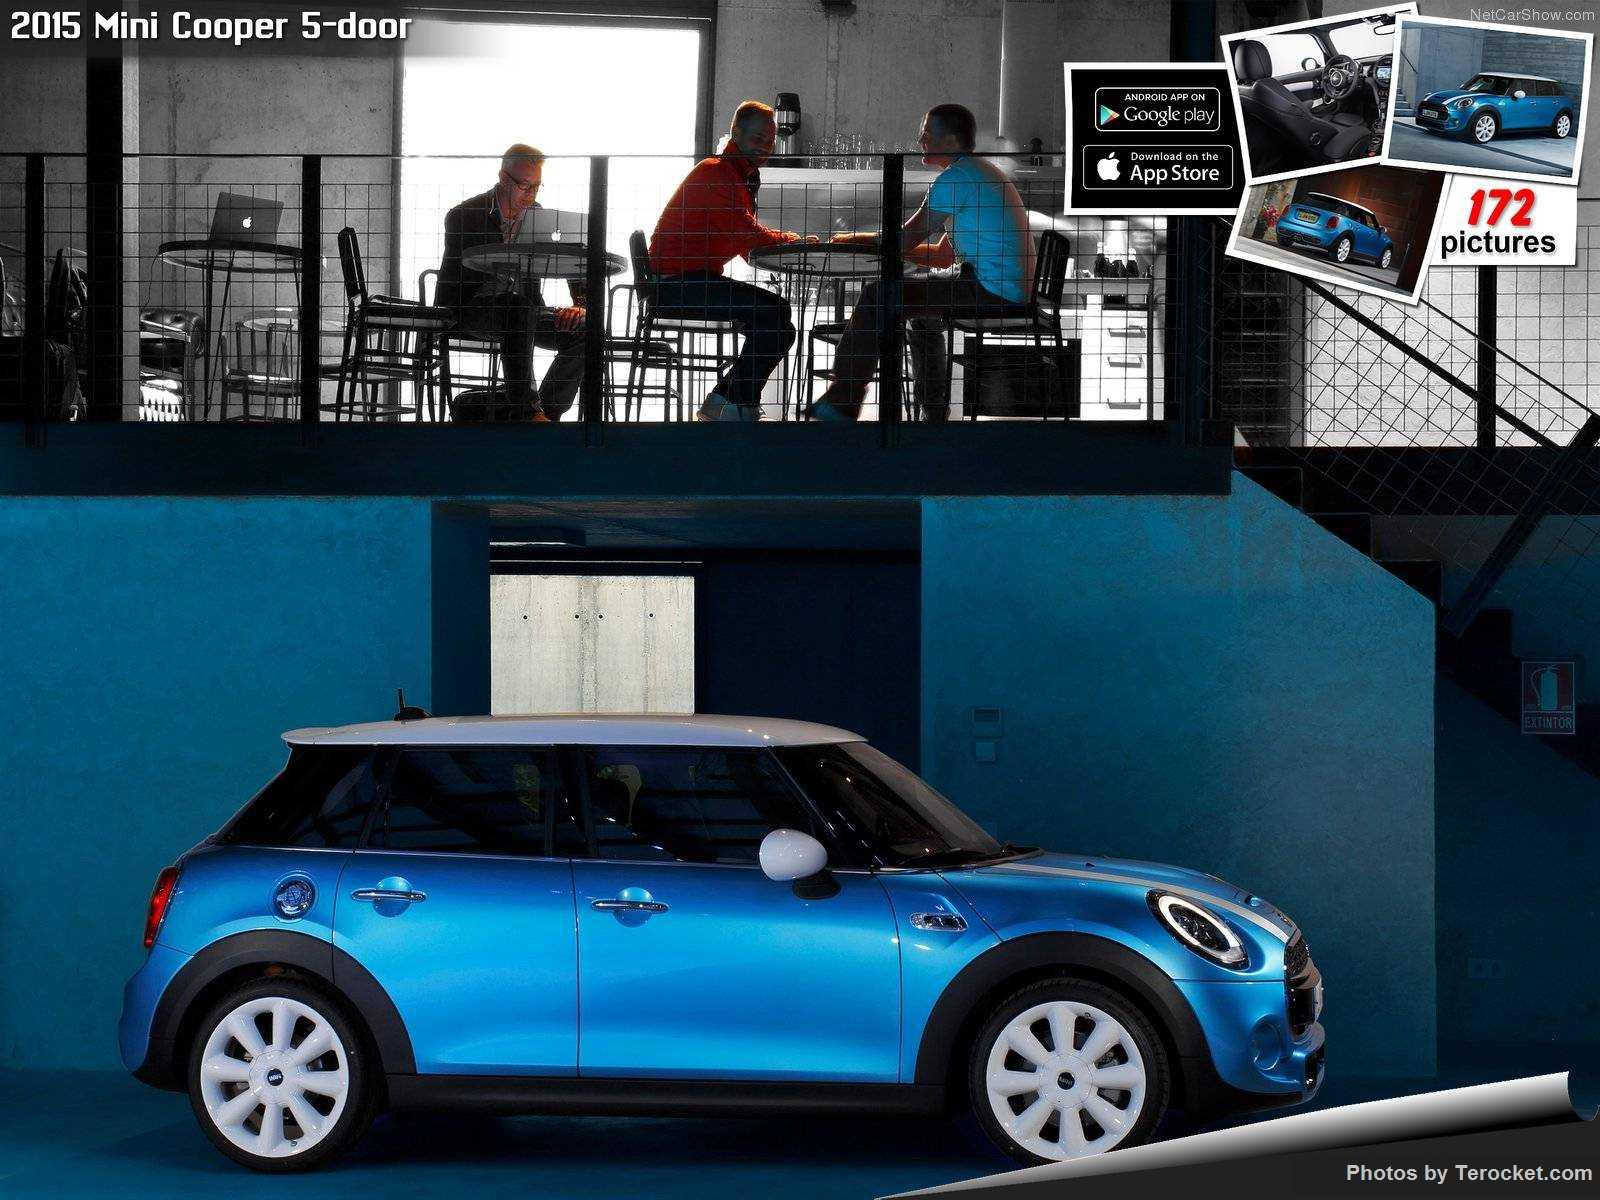 Hình ảnh xe ô tô Mini Cooper 5-door 2015 & nội ngoại thất